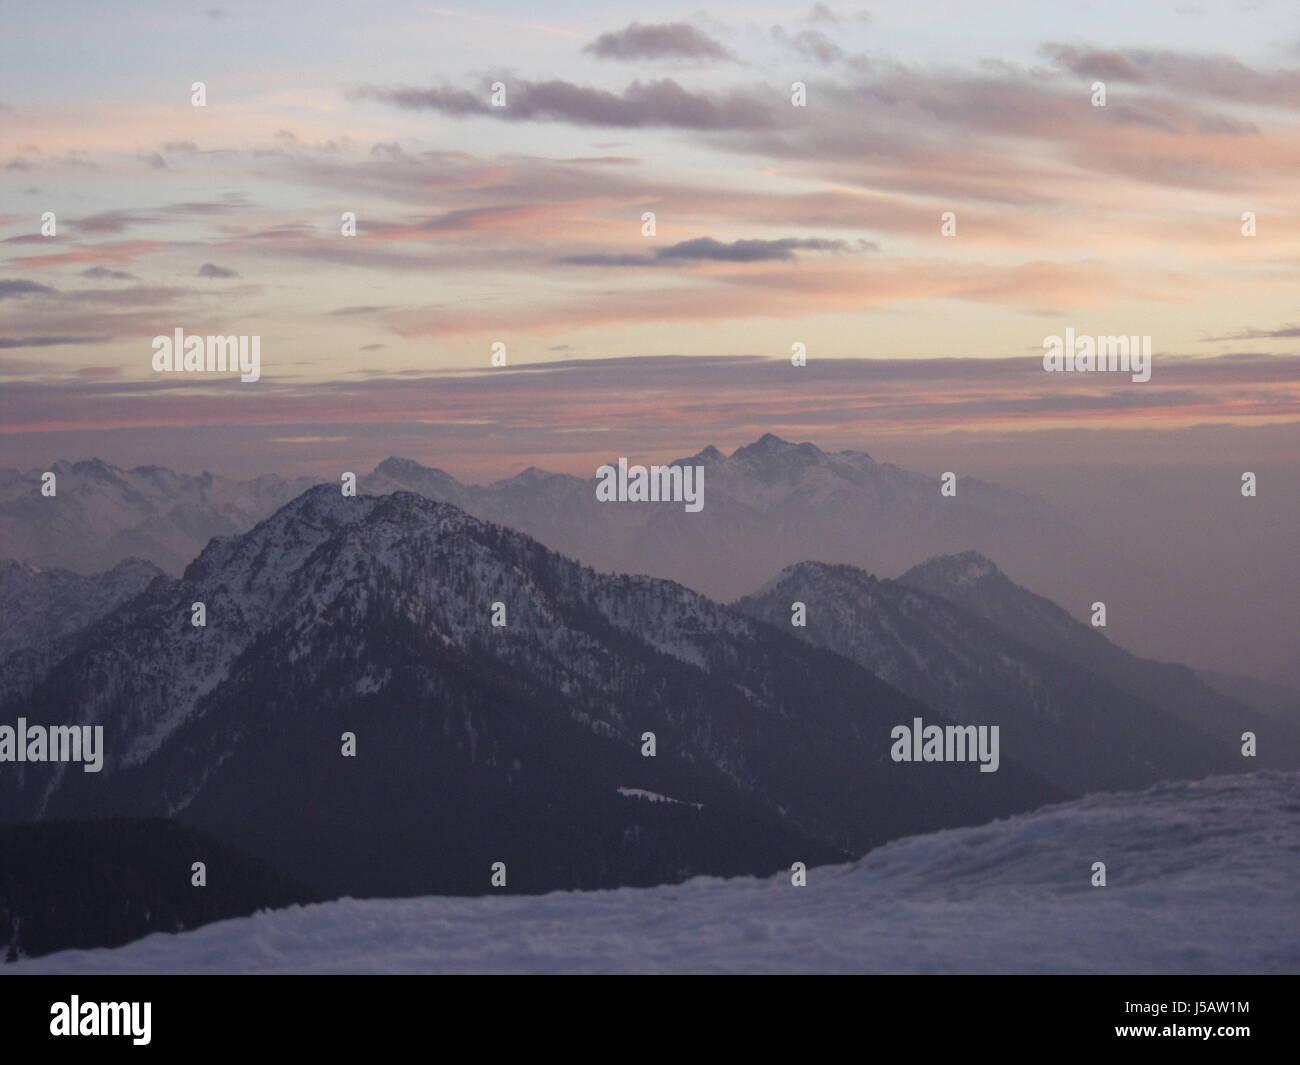 mountains,winter,dream,mountain,bergwelten,weitblicke,fernsichten - Stock Image